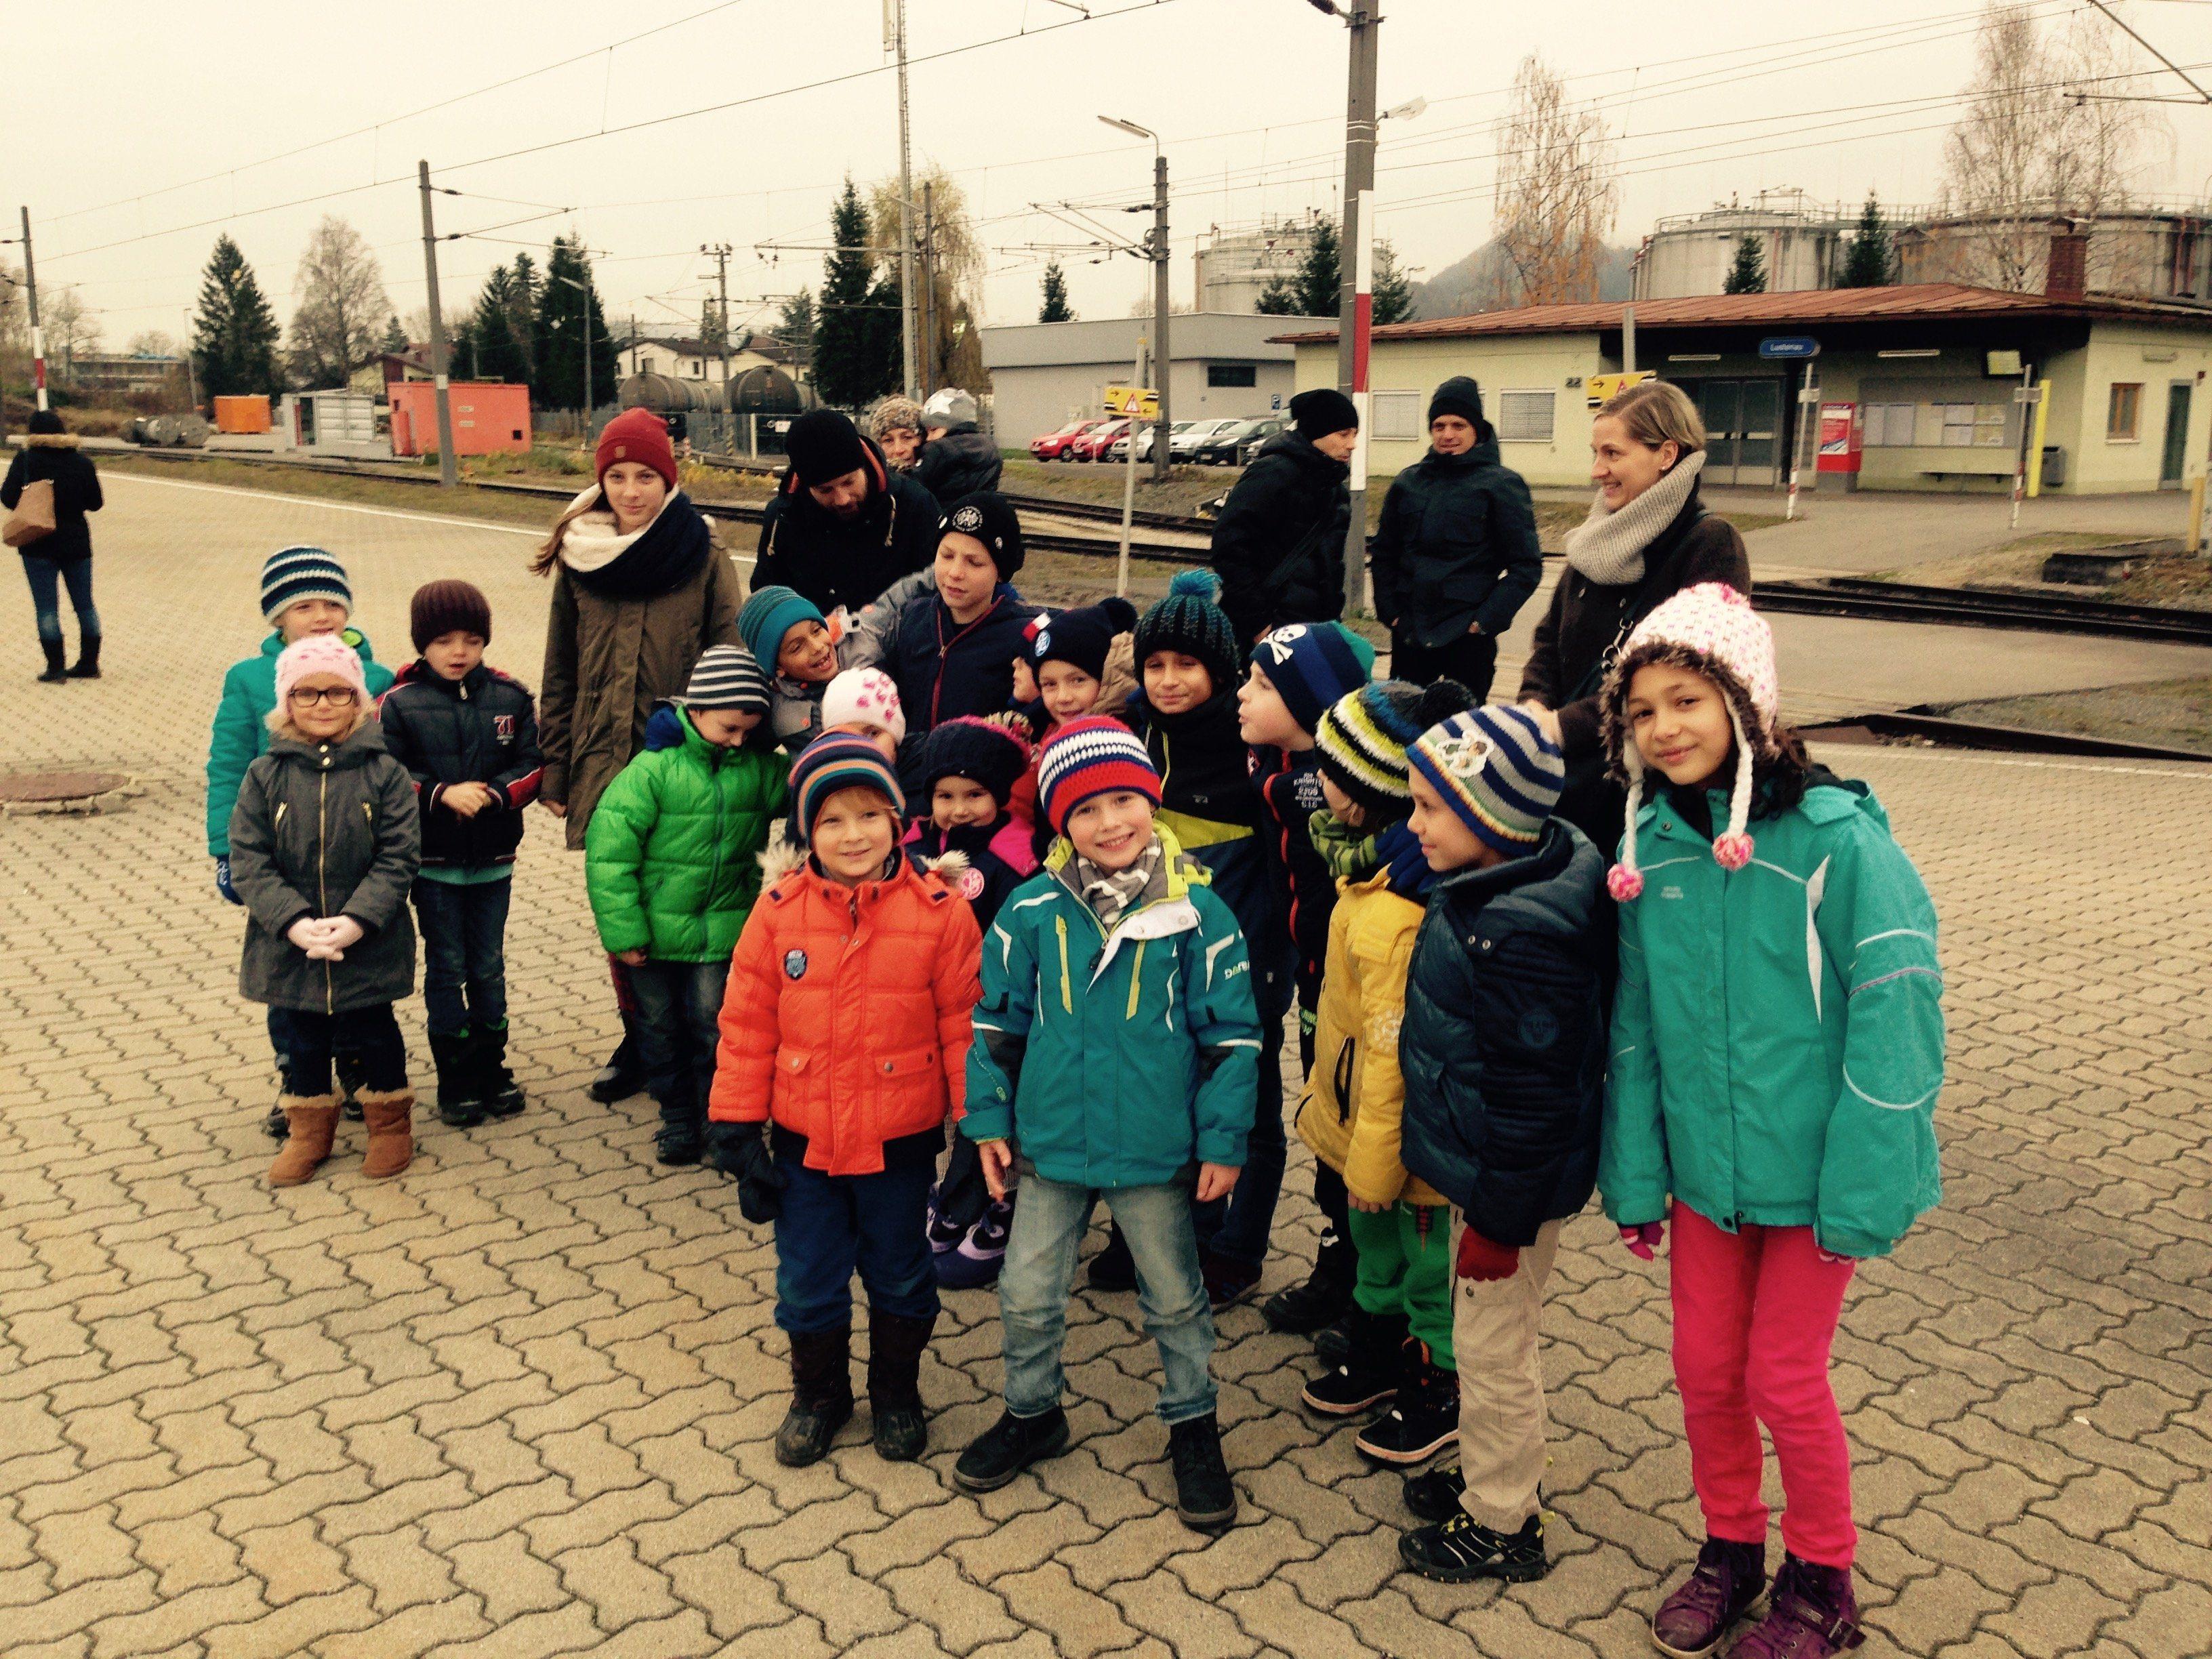 Die Kicker der U7 und U8 des FC Lustenaus freuten sich sehr auf den Ausflug